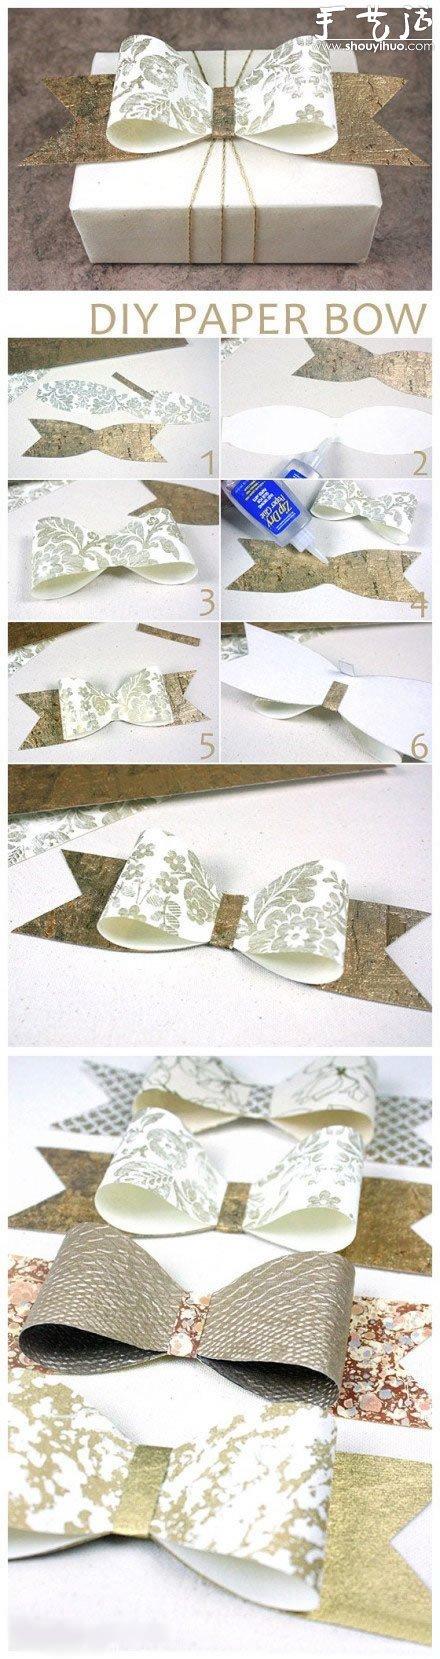 礼品包装蝴蝶结装饰的手工折纸教程 -  www.shouyihuo.com